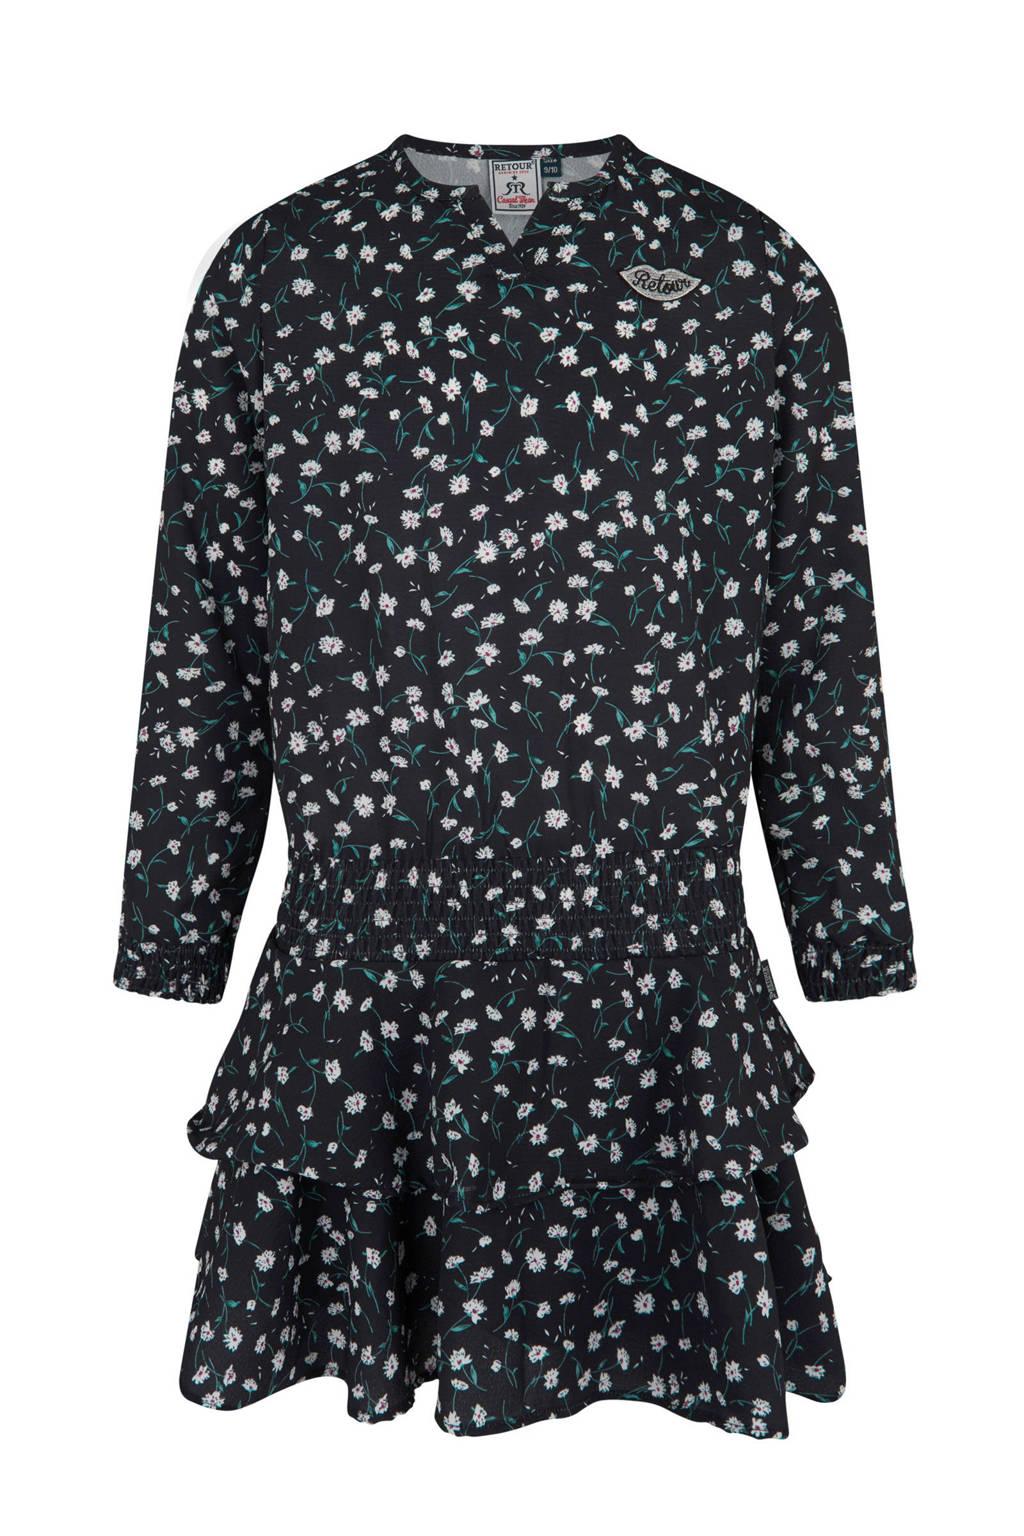 Retour Denim bloemen jurk met strokenrok Giselle zwart, Zwart/wit/groen